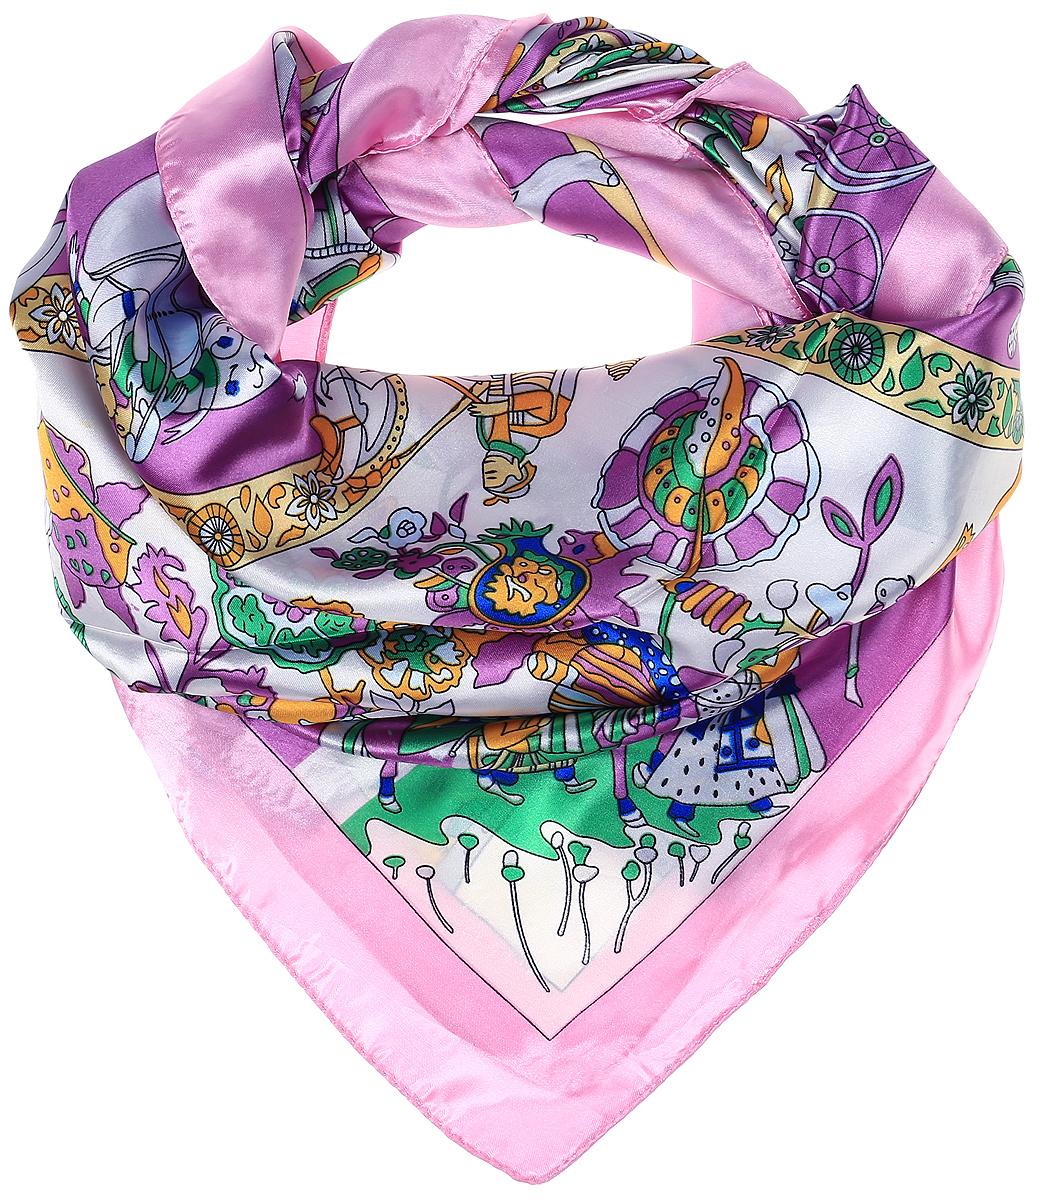 Платок женский Vittorio Richi, цвет: фиолетовый, белый. Ro01HS1602-7-1. Размер 100 см х 100 смRo01HS1602-7-1Платок от Vittorio Richi изготовлен из полиэстера с добавлением шелка, оформлен узорным принтом. Кромка обработана подрубкой.